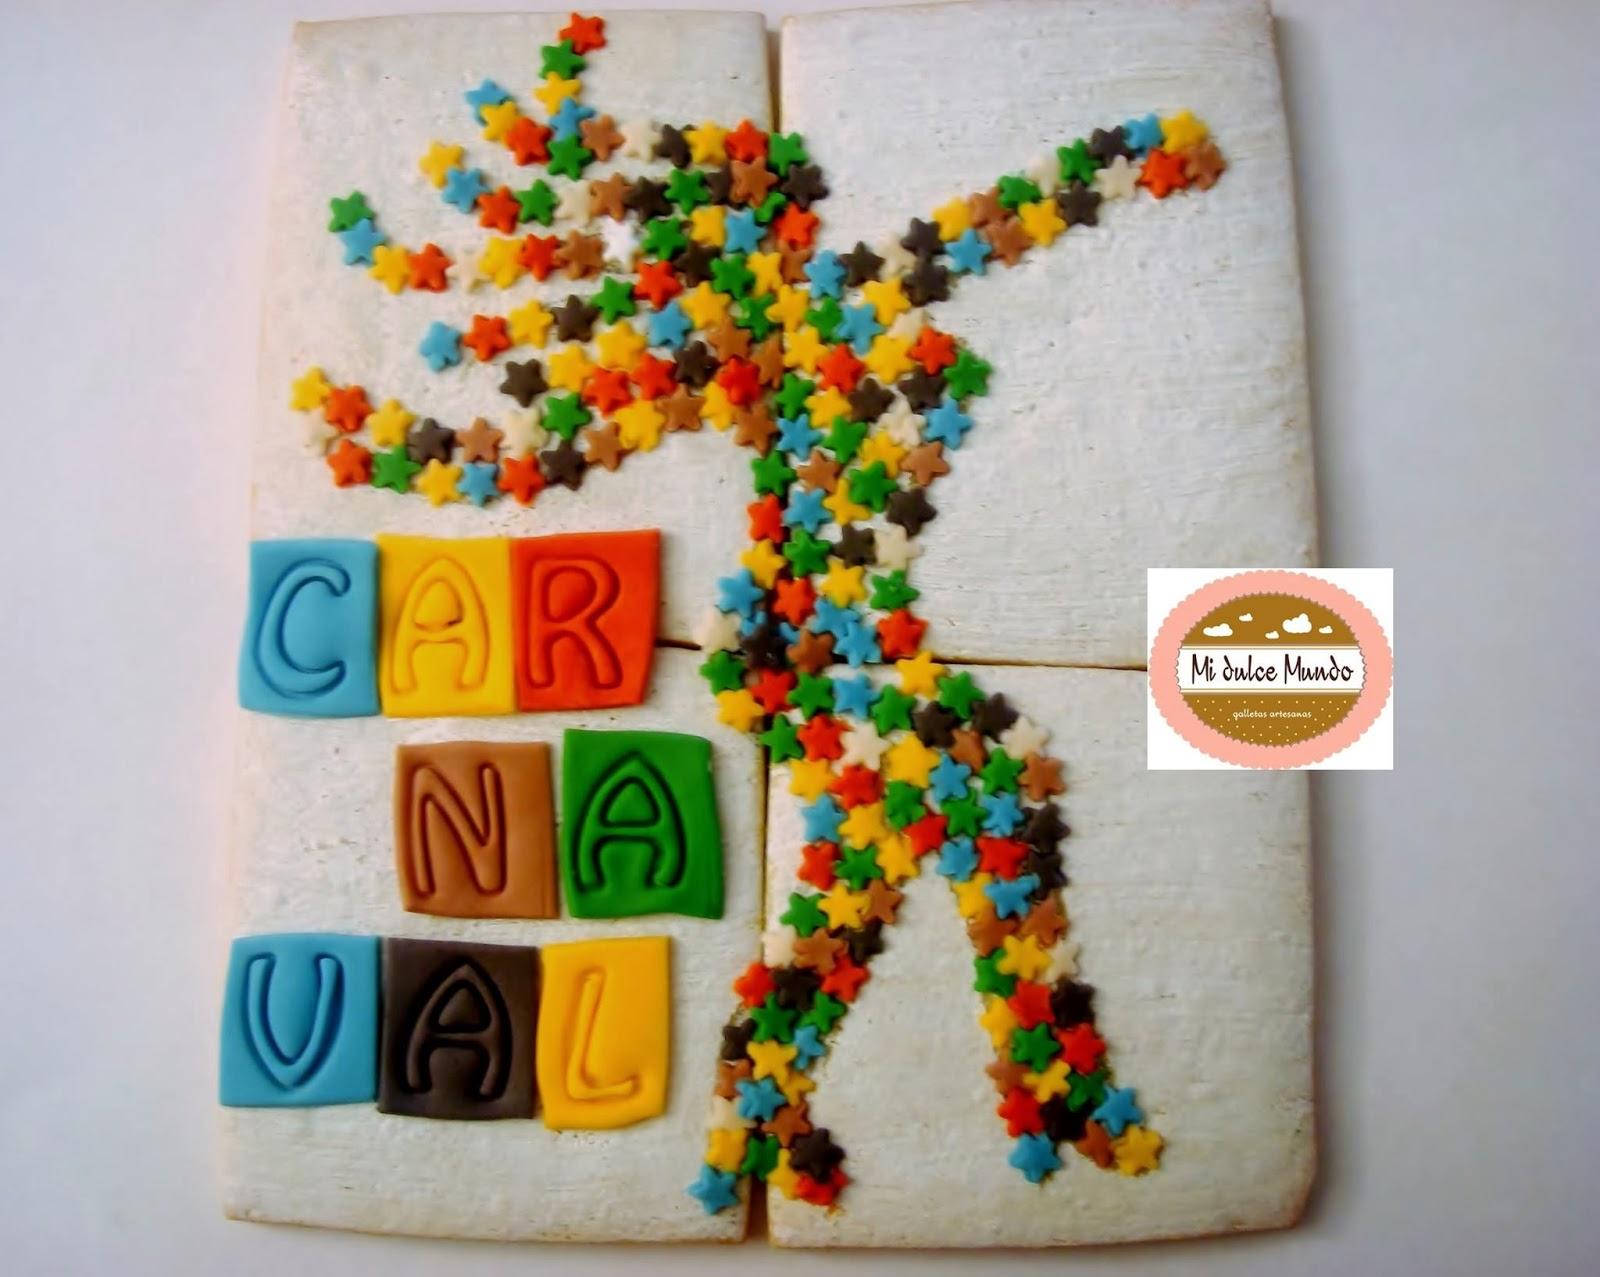 Galletas de Feli de Mi dulce mundo para el reto de carnaval